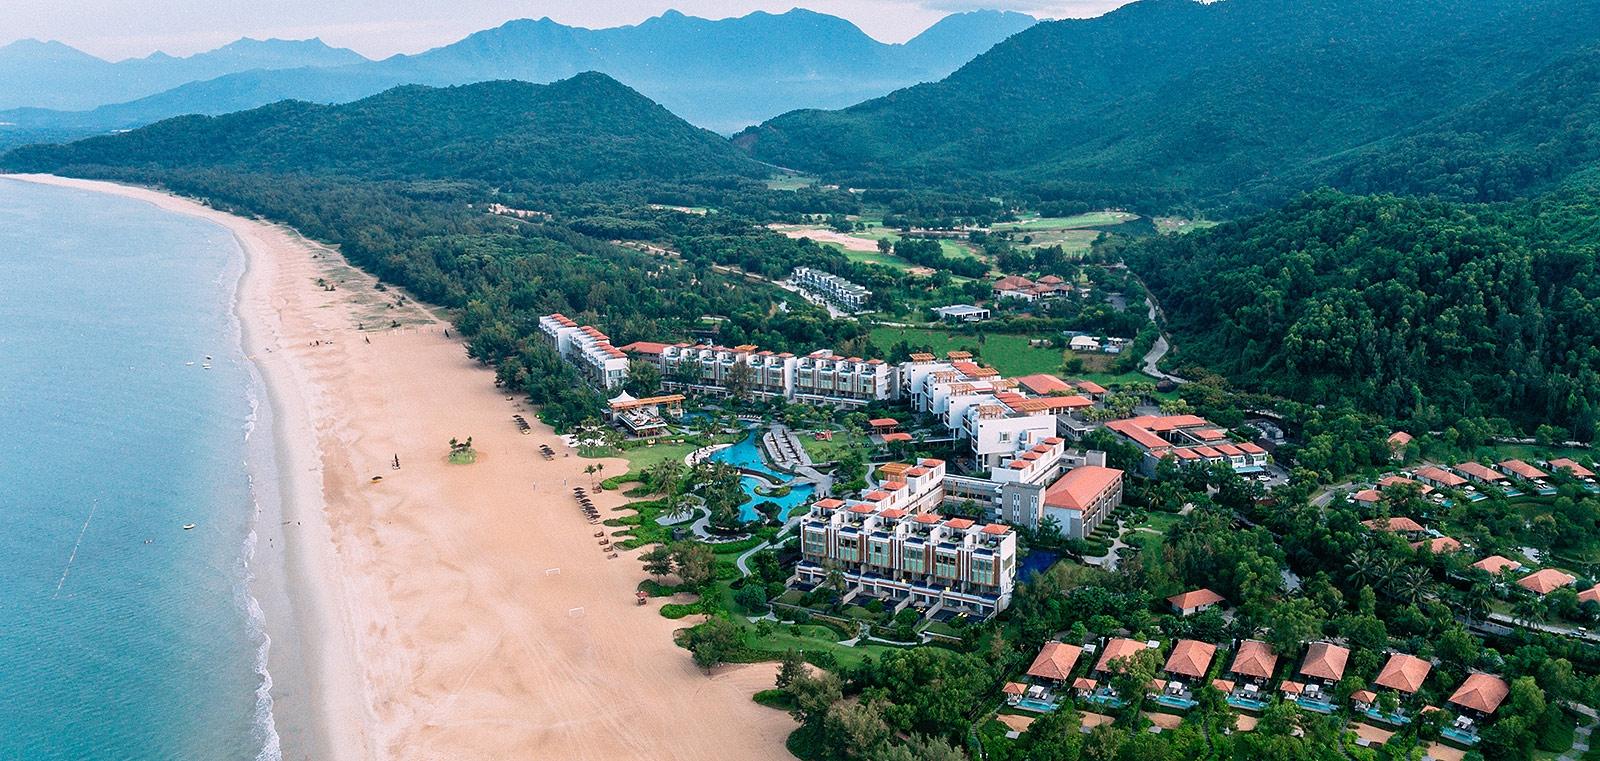 banyan tree and angsana lang co among top 20 resorts in asia